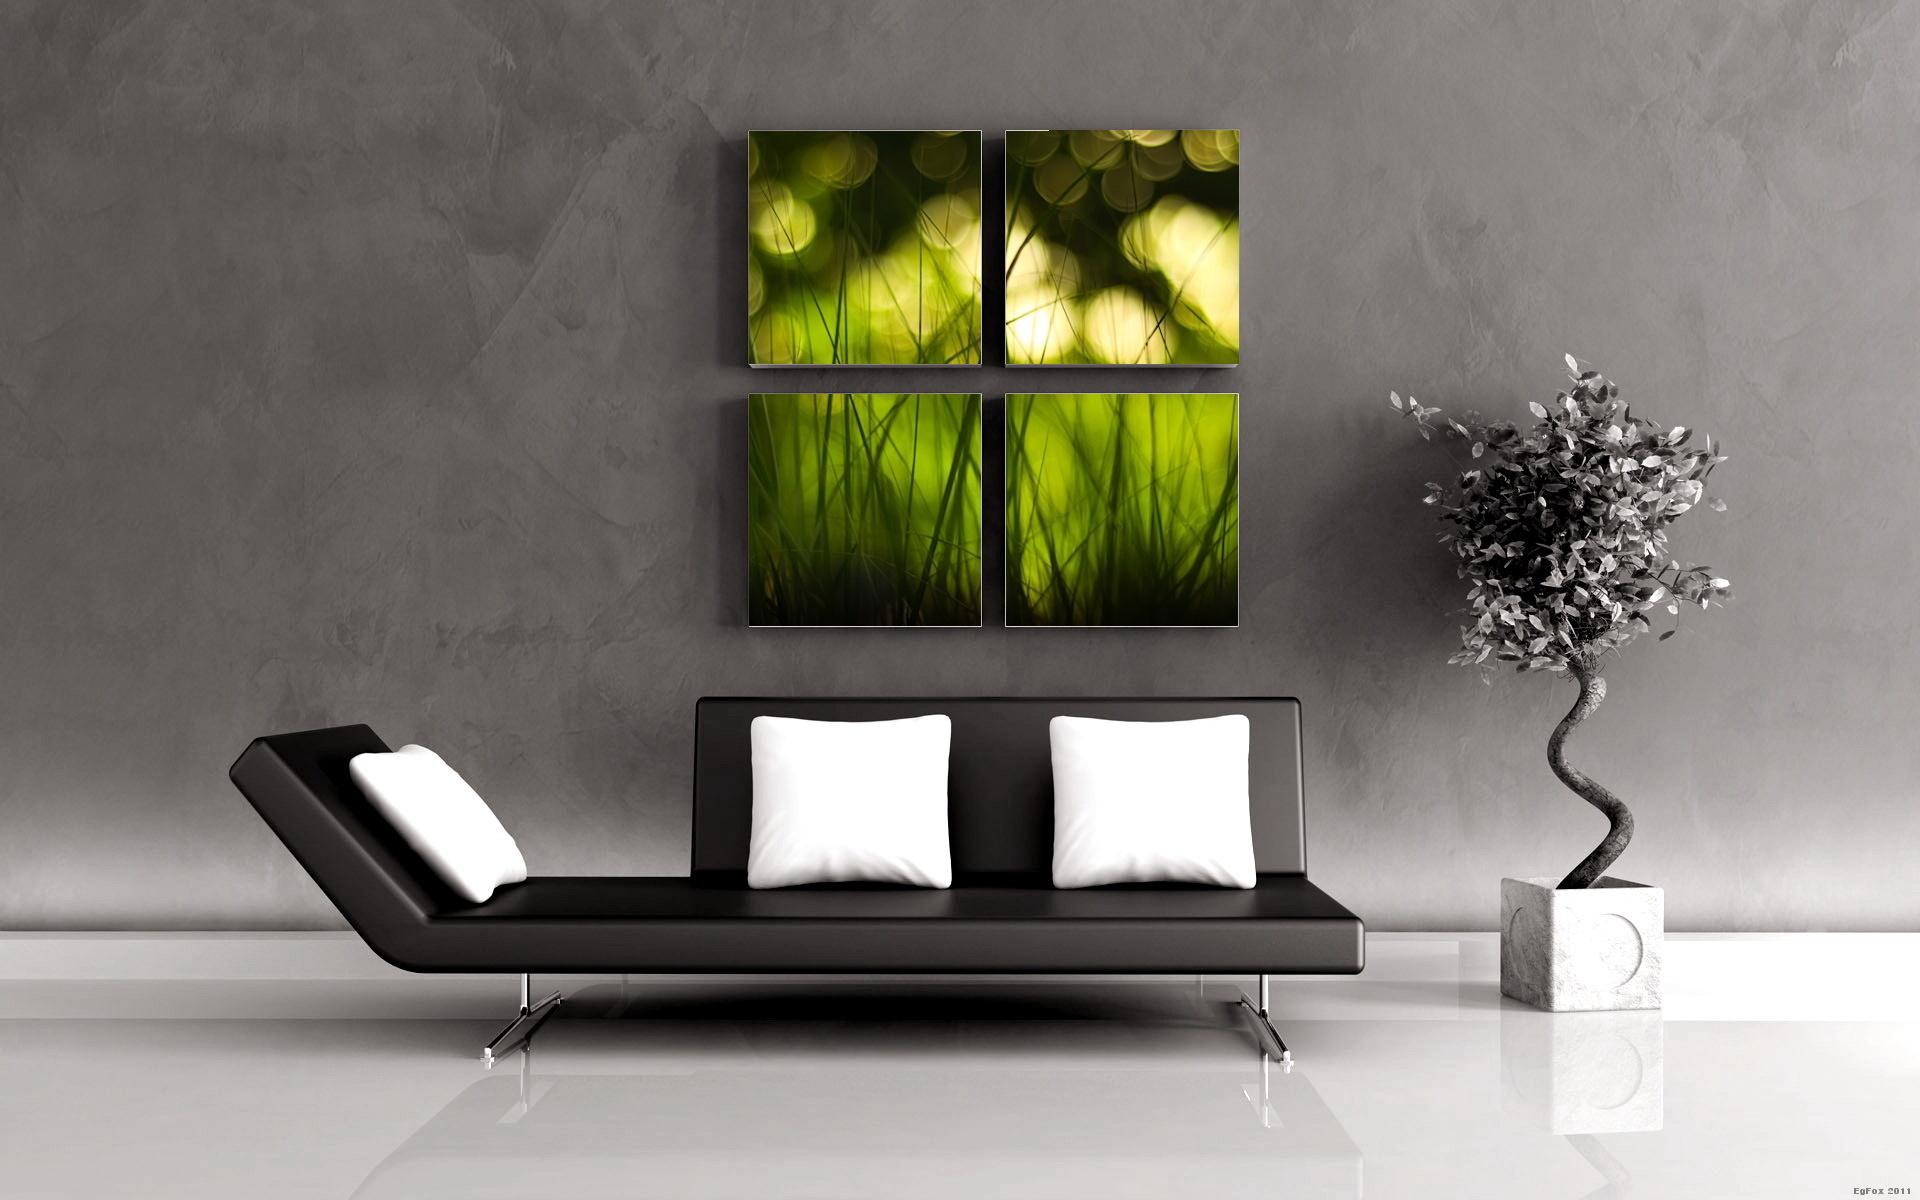 Furniture Design Hd Images